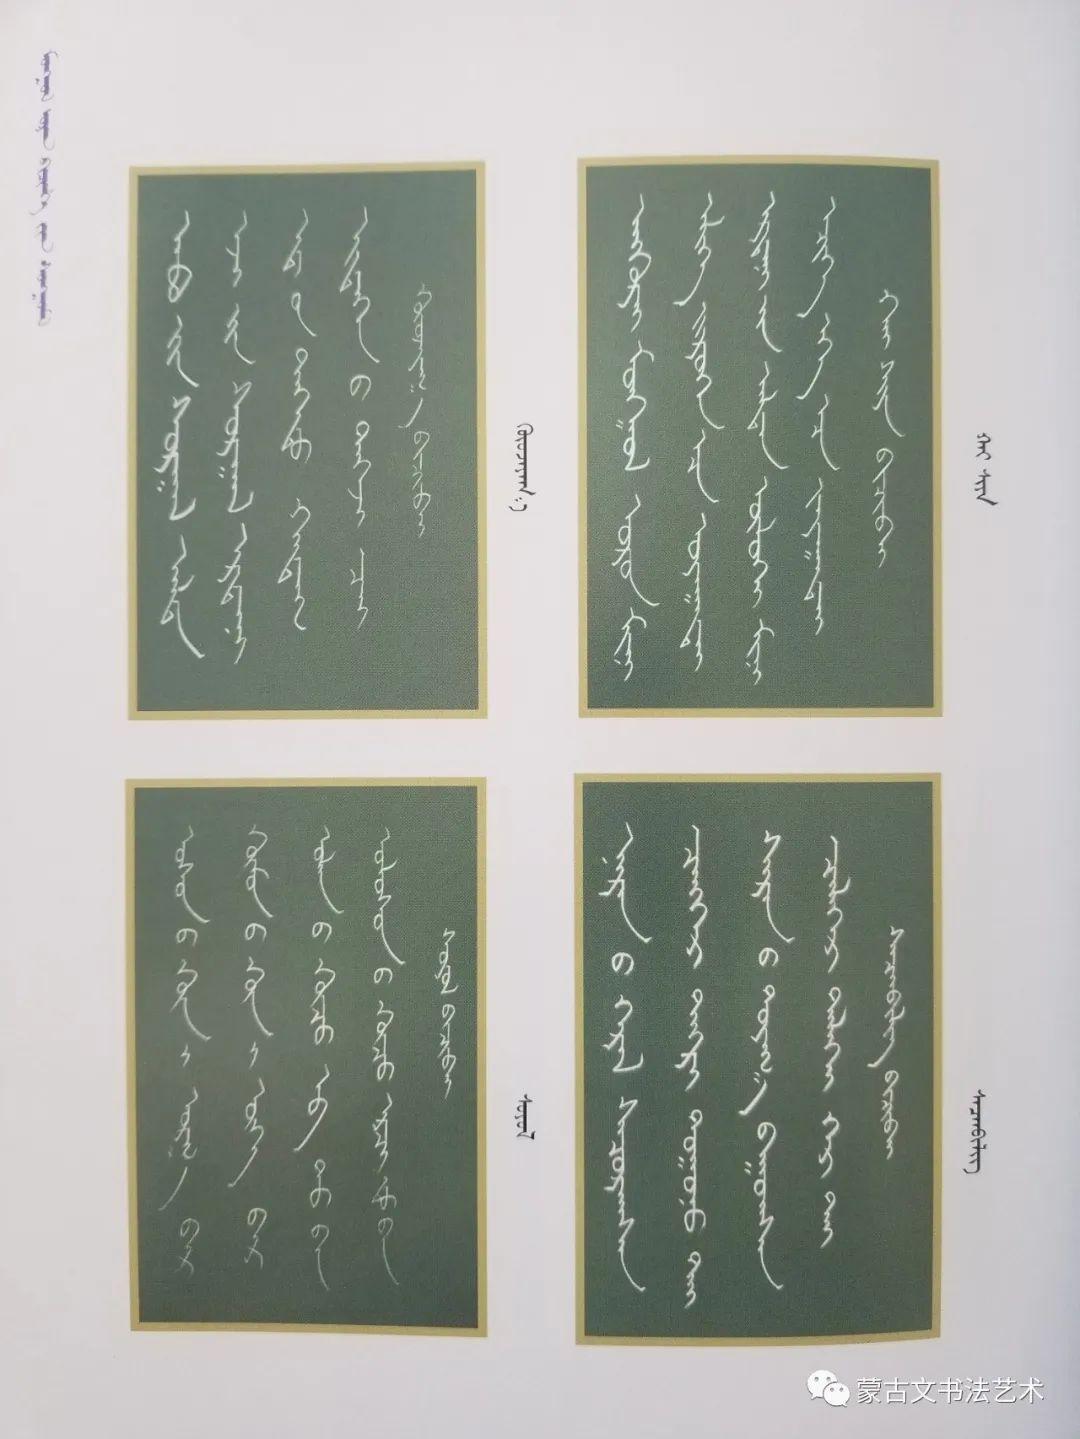 蒙古文书法作品集 第19张 蒙古文书法作品集 蒙古书法